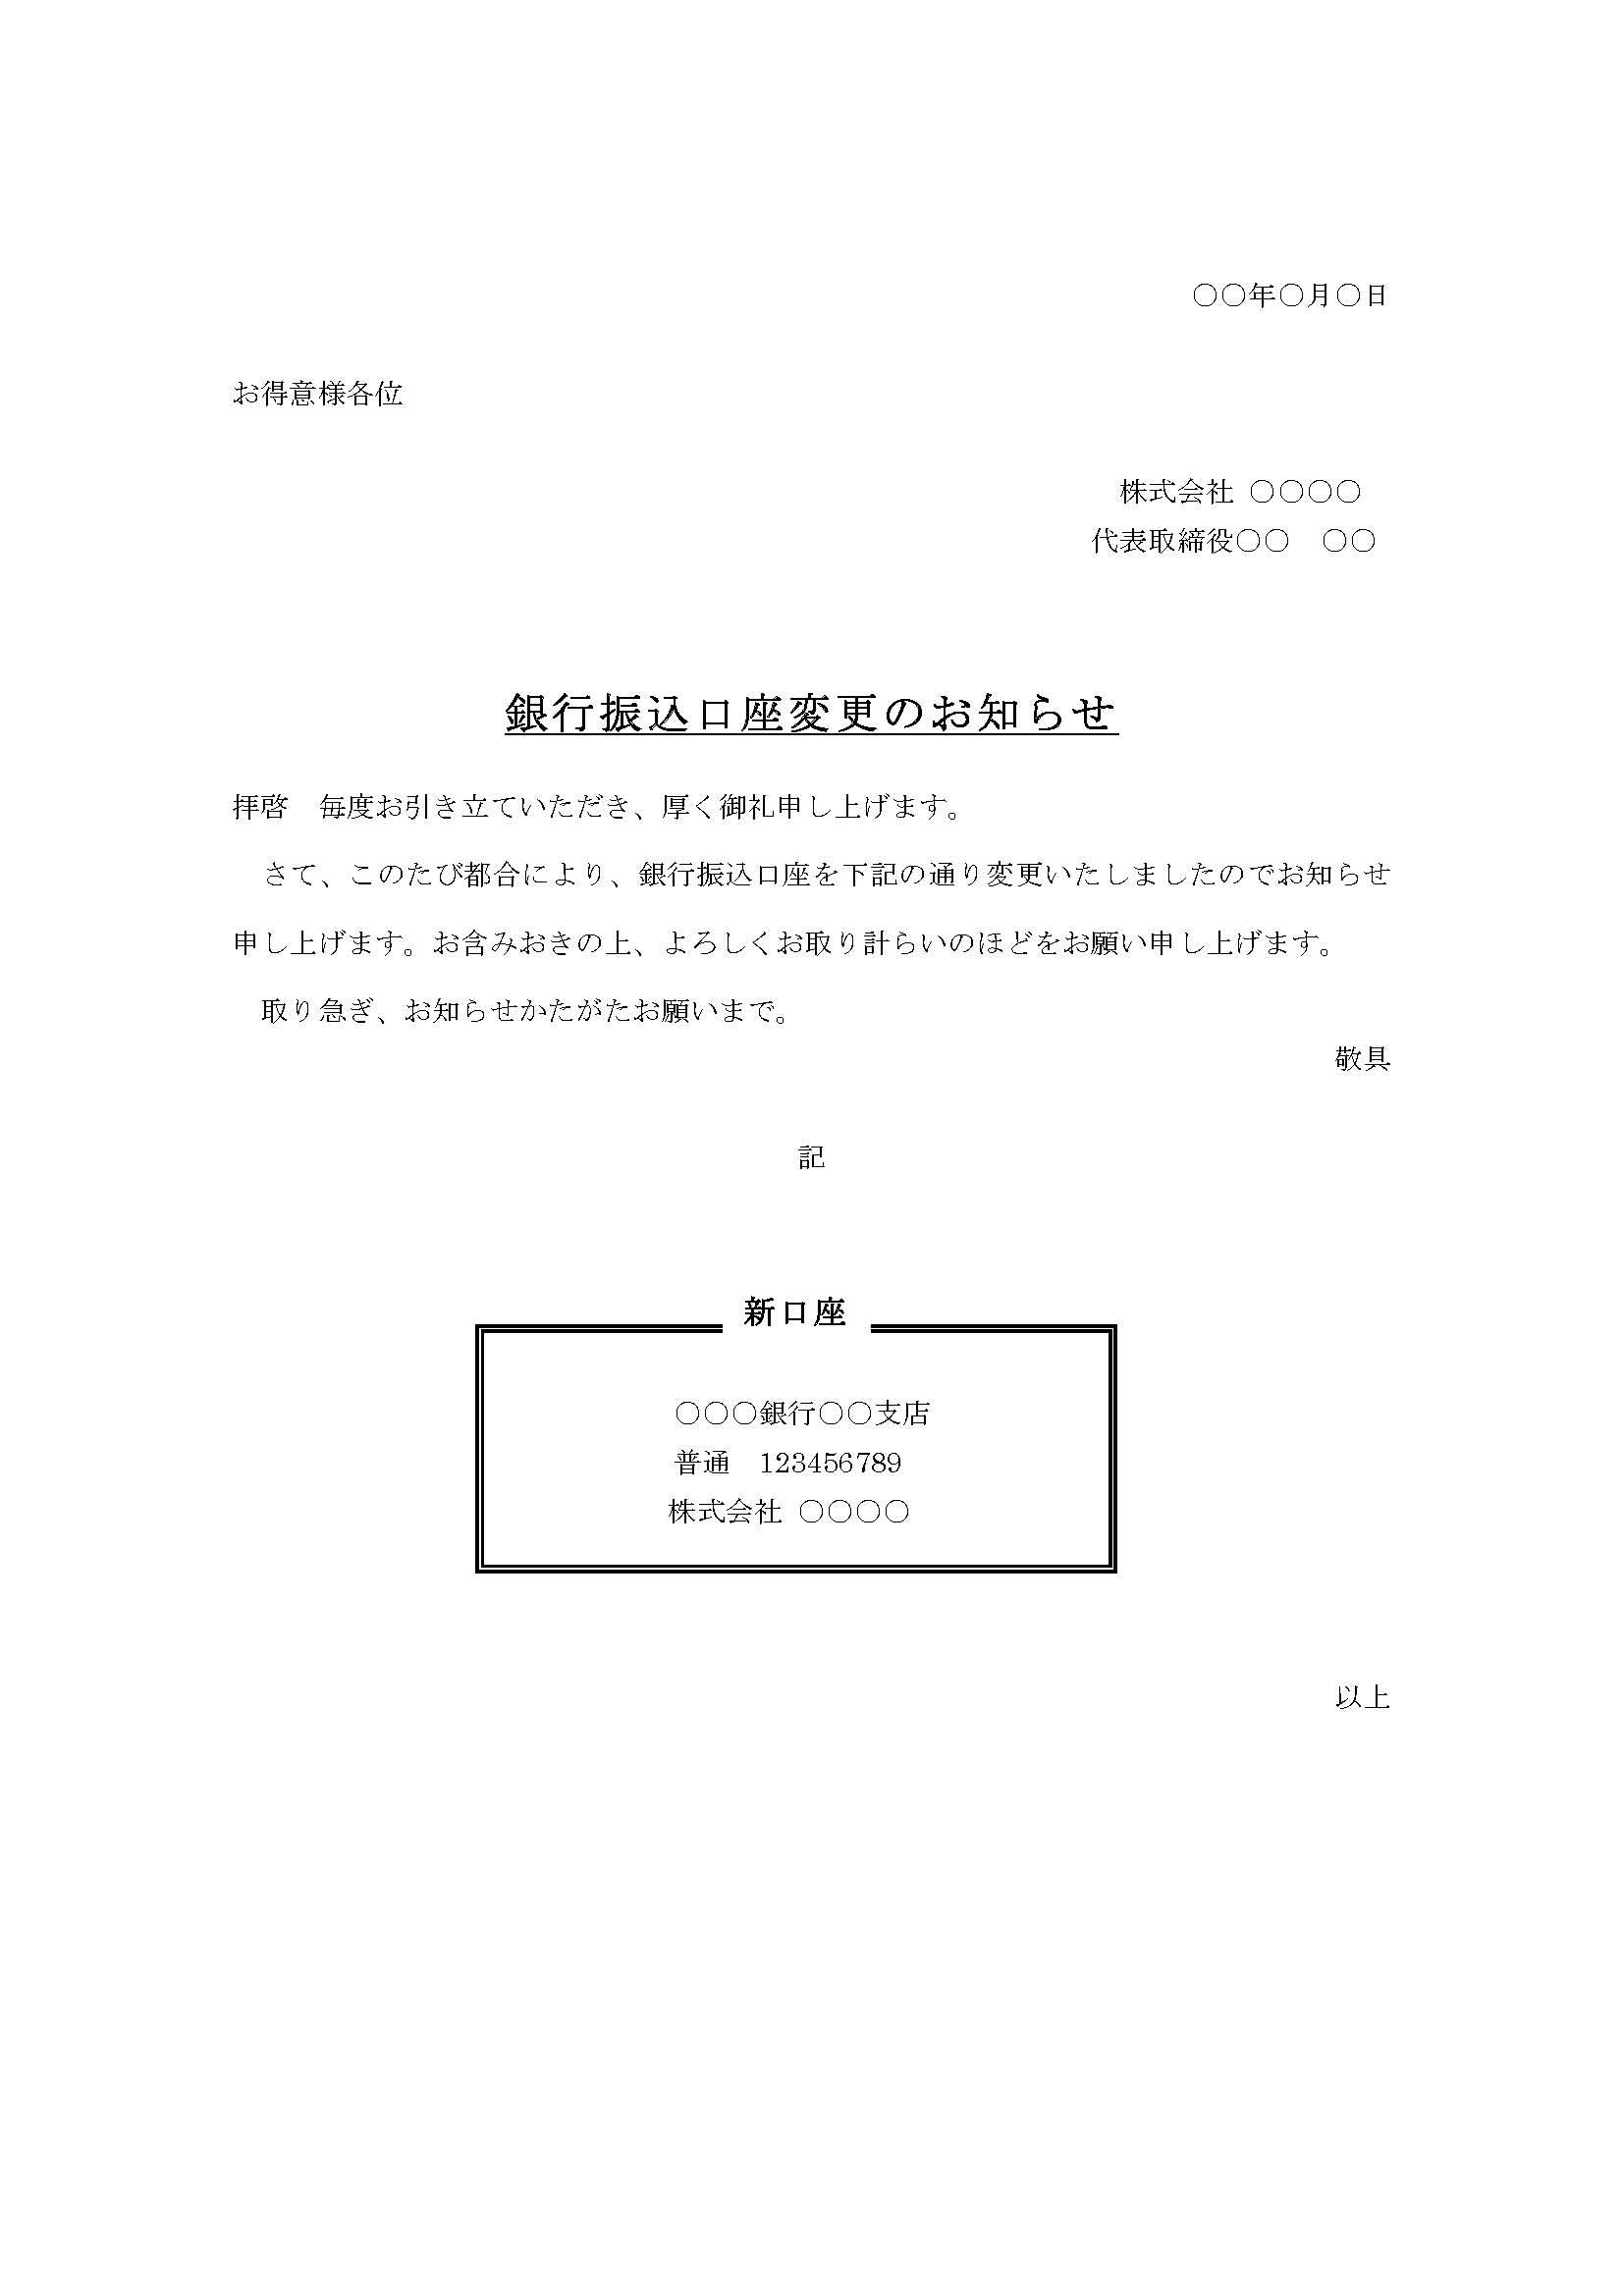 お知らせ(銀行振込口座変更)02